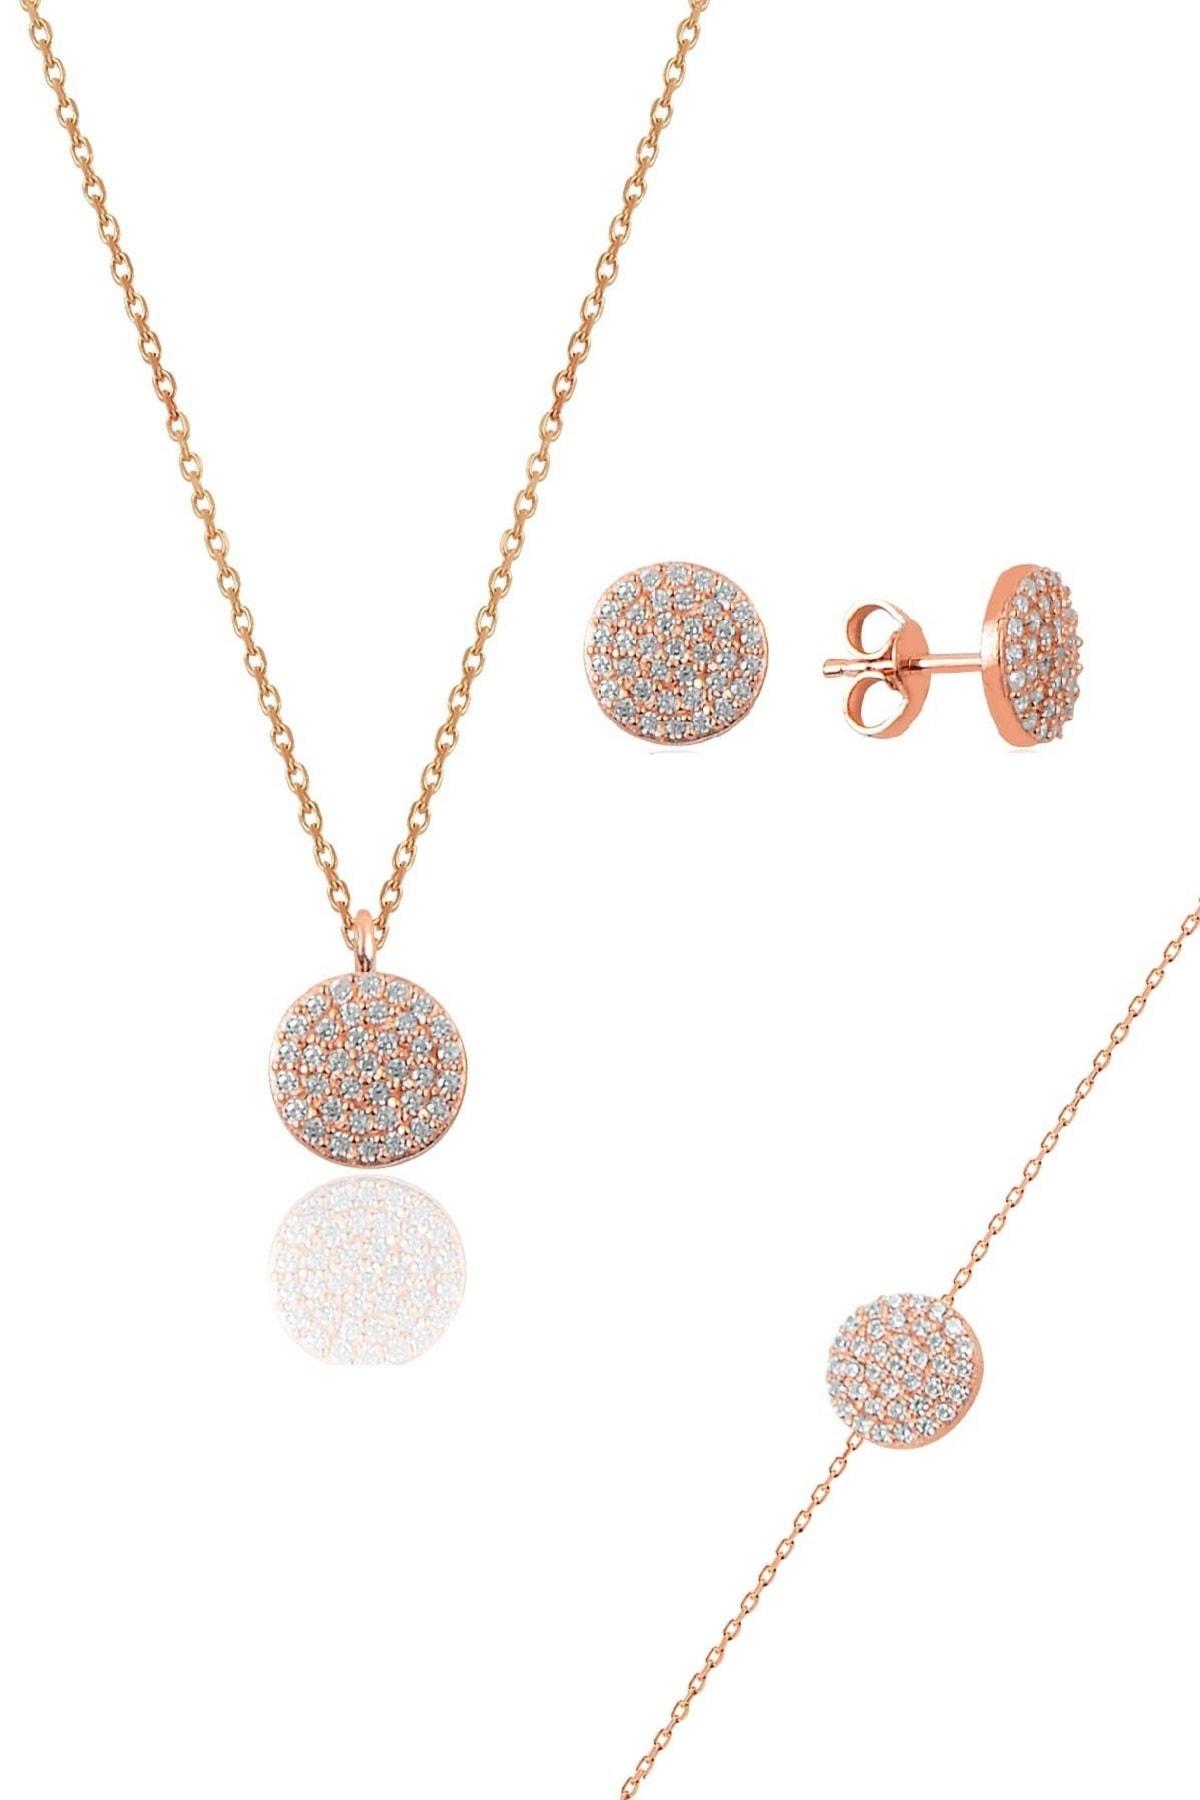 Söğütlü Silver Gümüş rose zirkon taşlı yuvarlak kolye bileklik ve küpe gümüş üçlü set 0